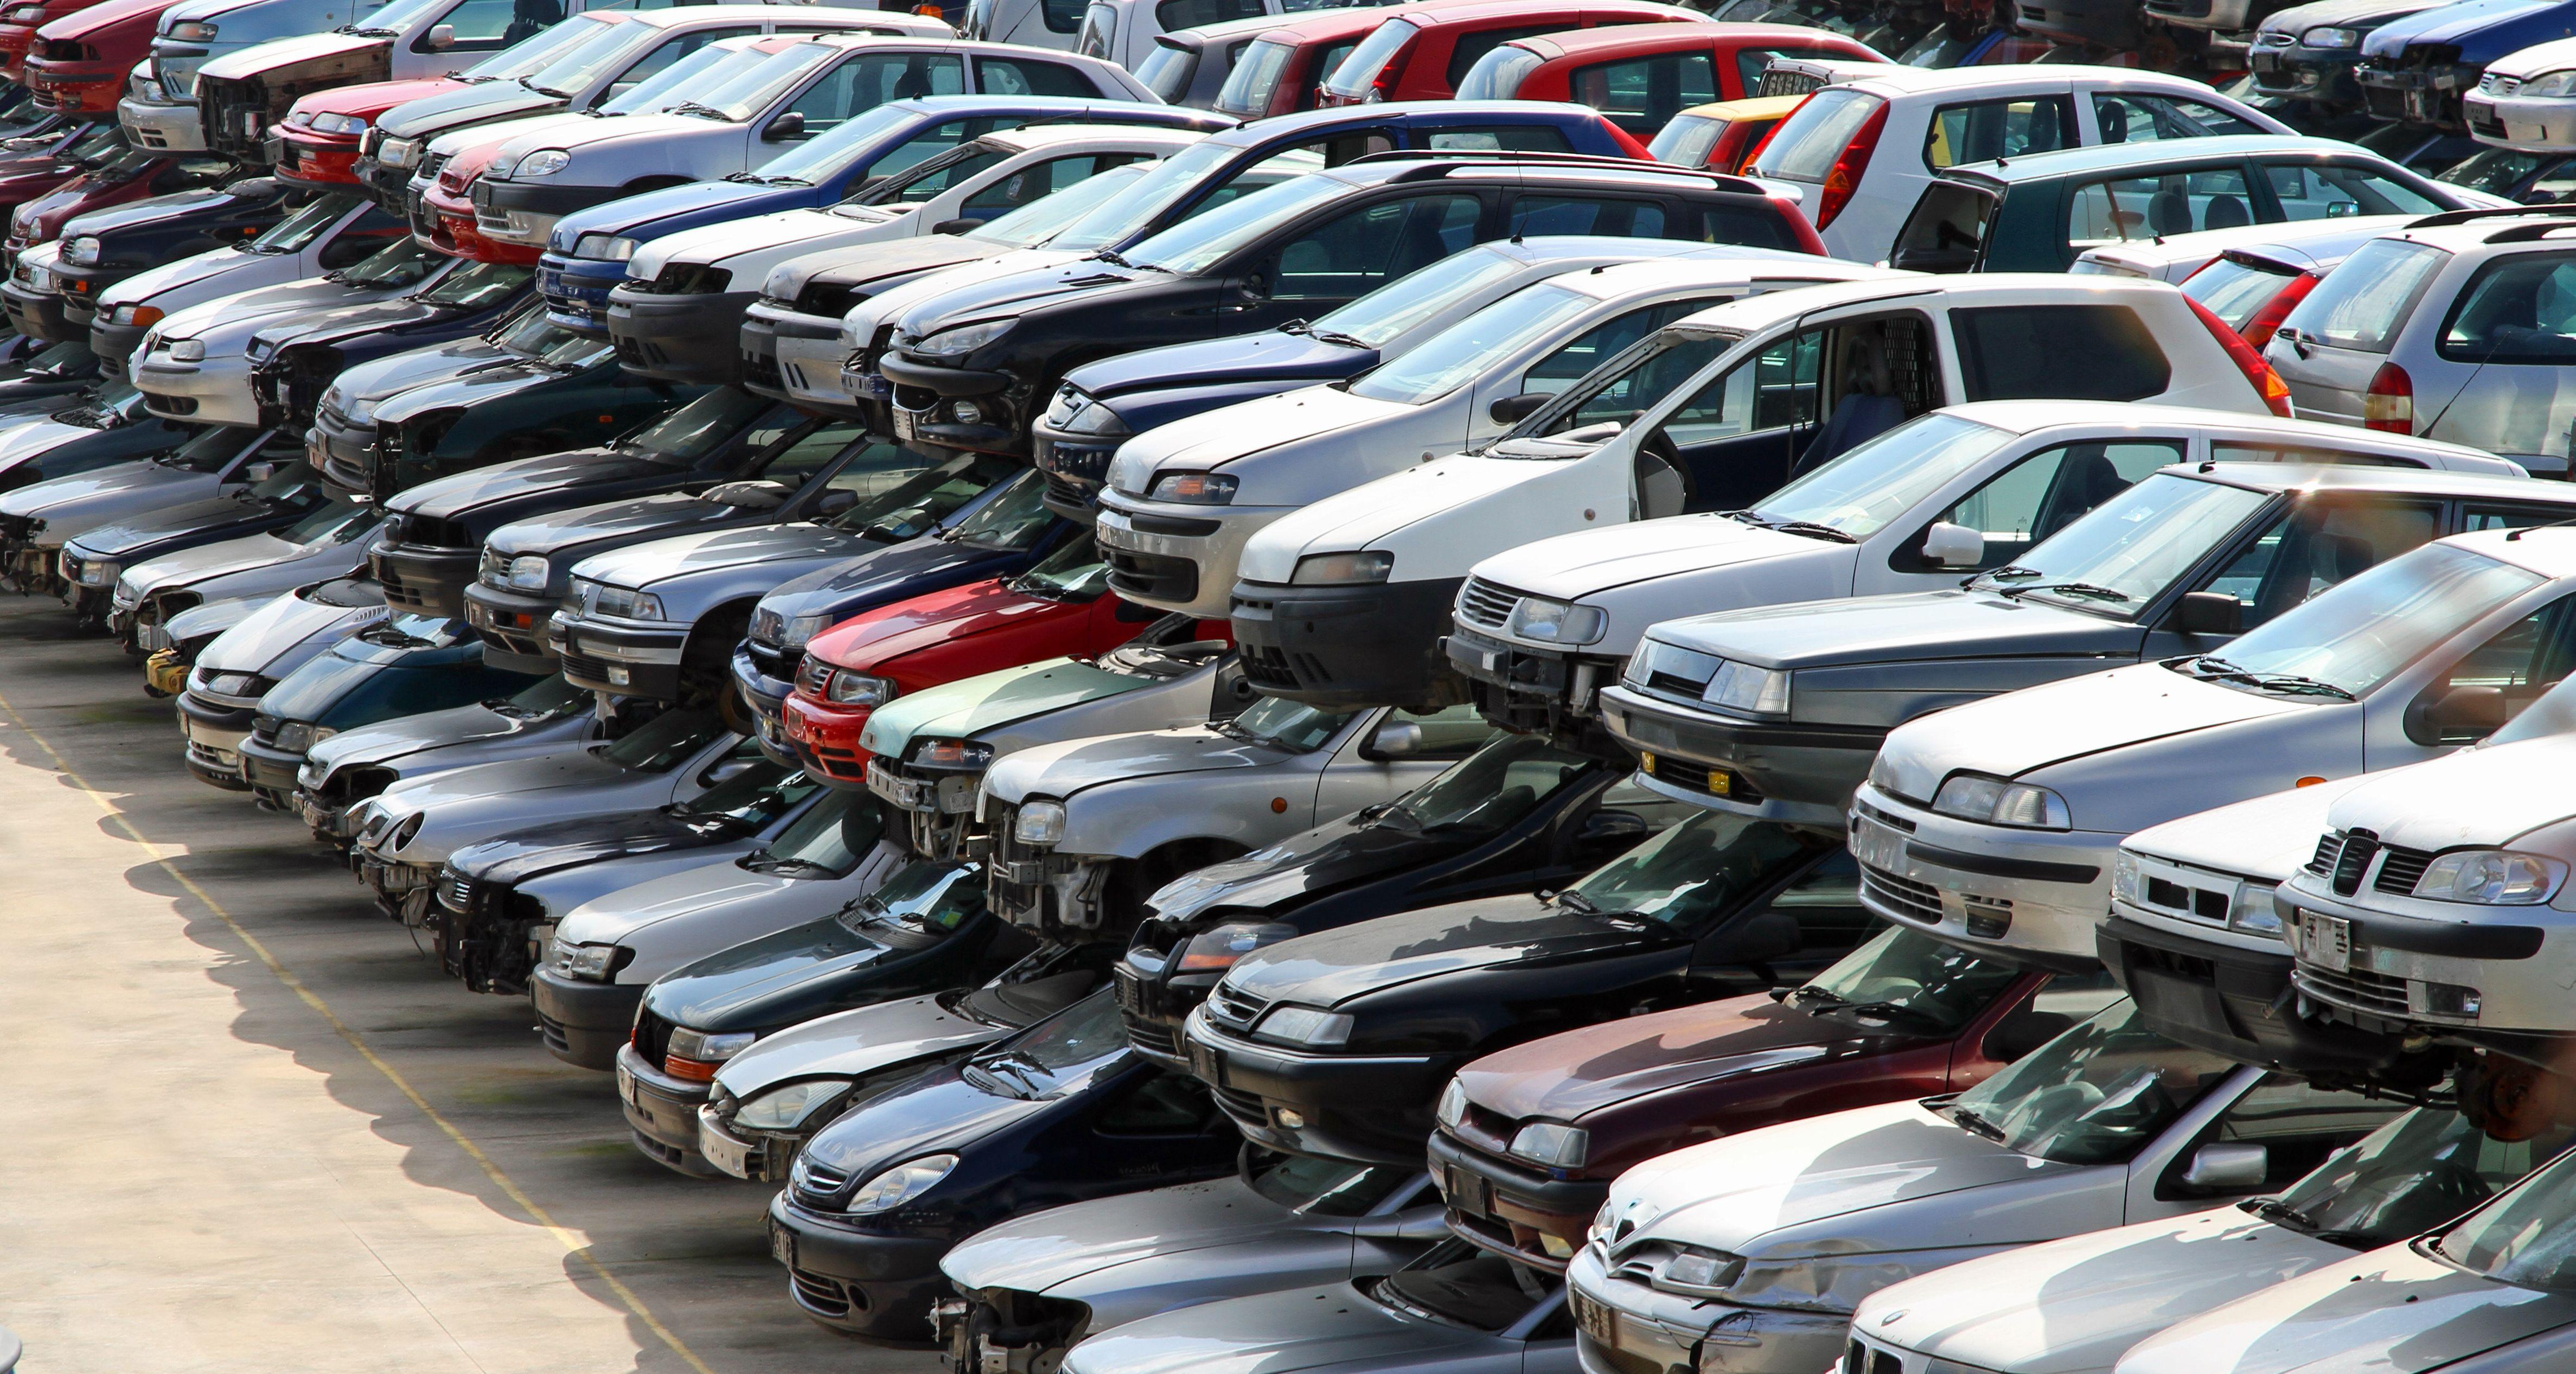 Desguaces coches Albacete